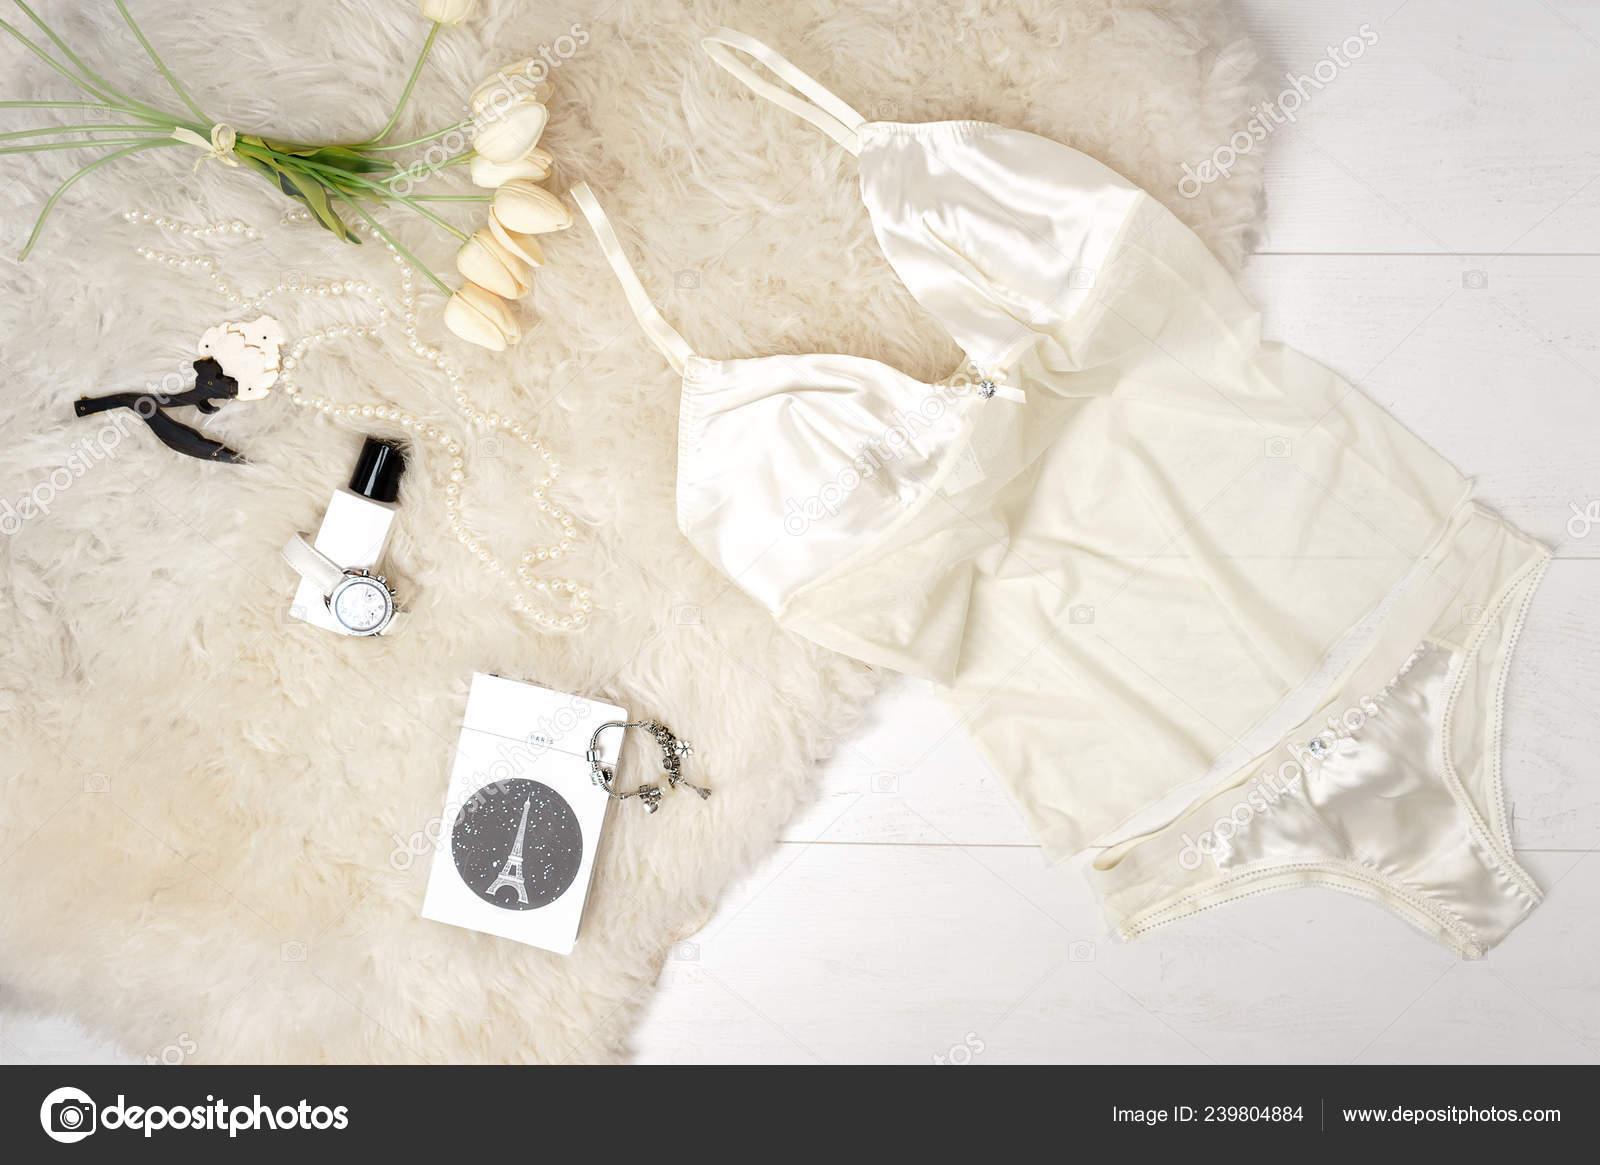 def9859b8 Acessórios de lingerie de bege pastel elegante sexy plana leigos e tulipas  brancas sobre um fundo branco. Dia dos namorados dia 8 de março festa roupa  o ...